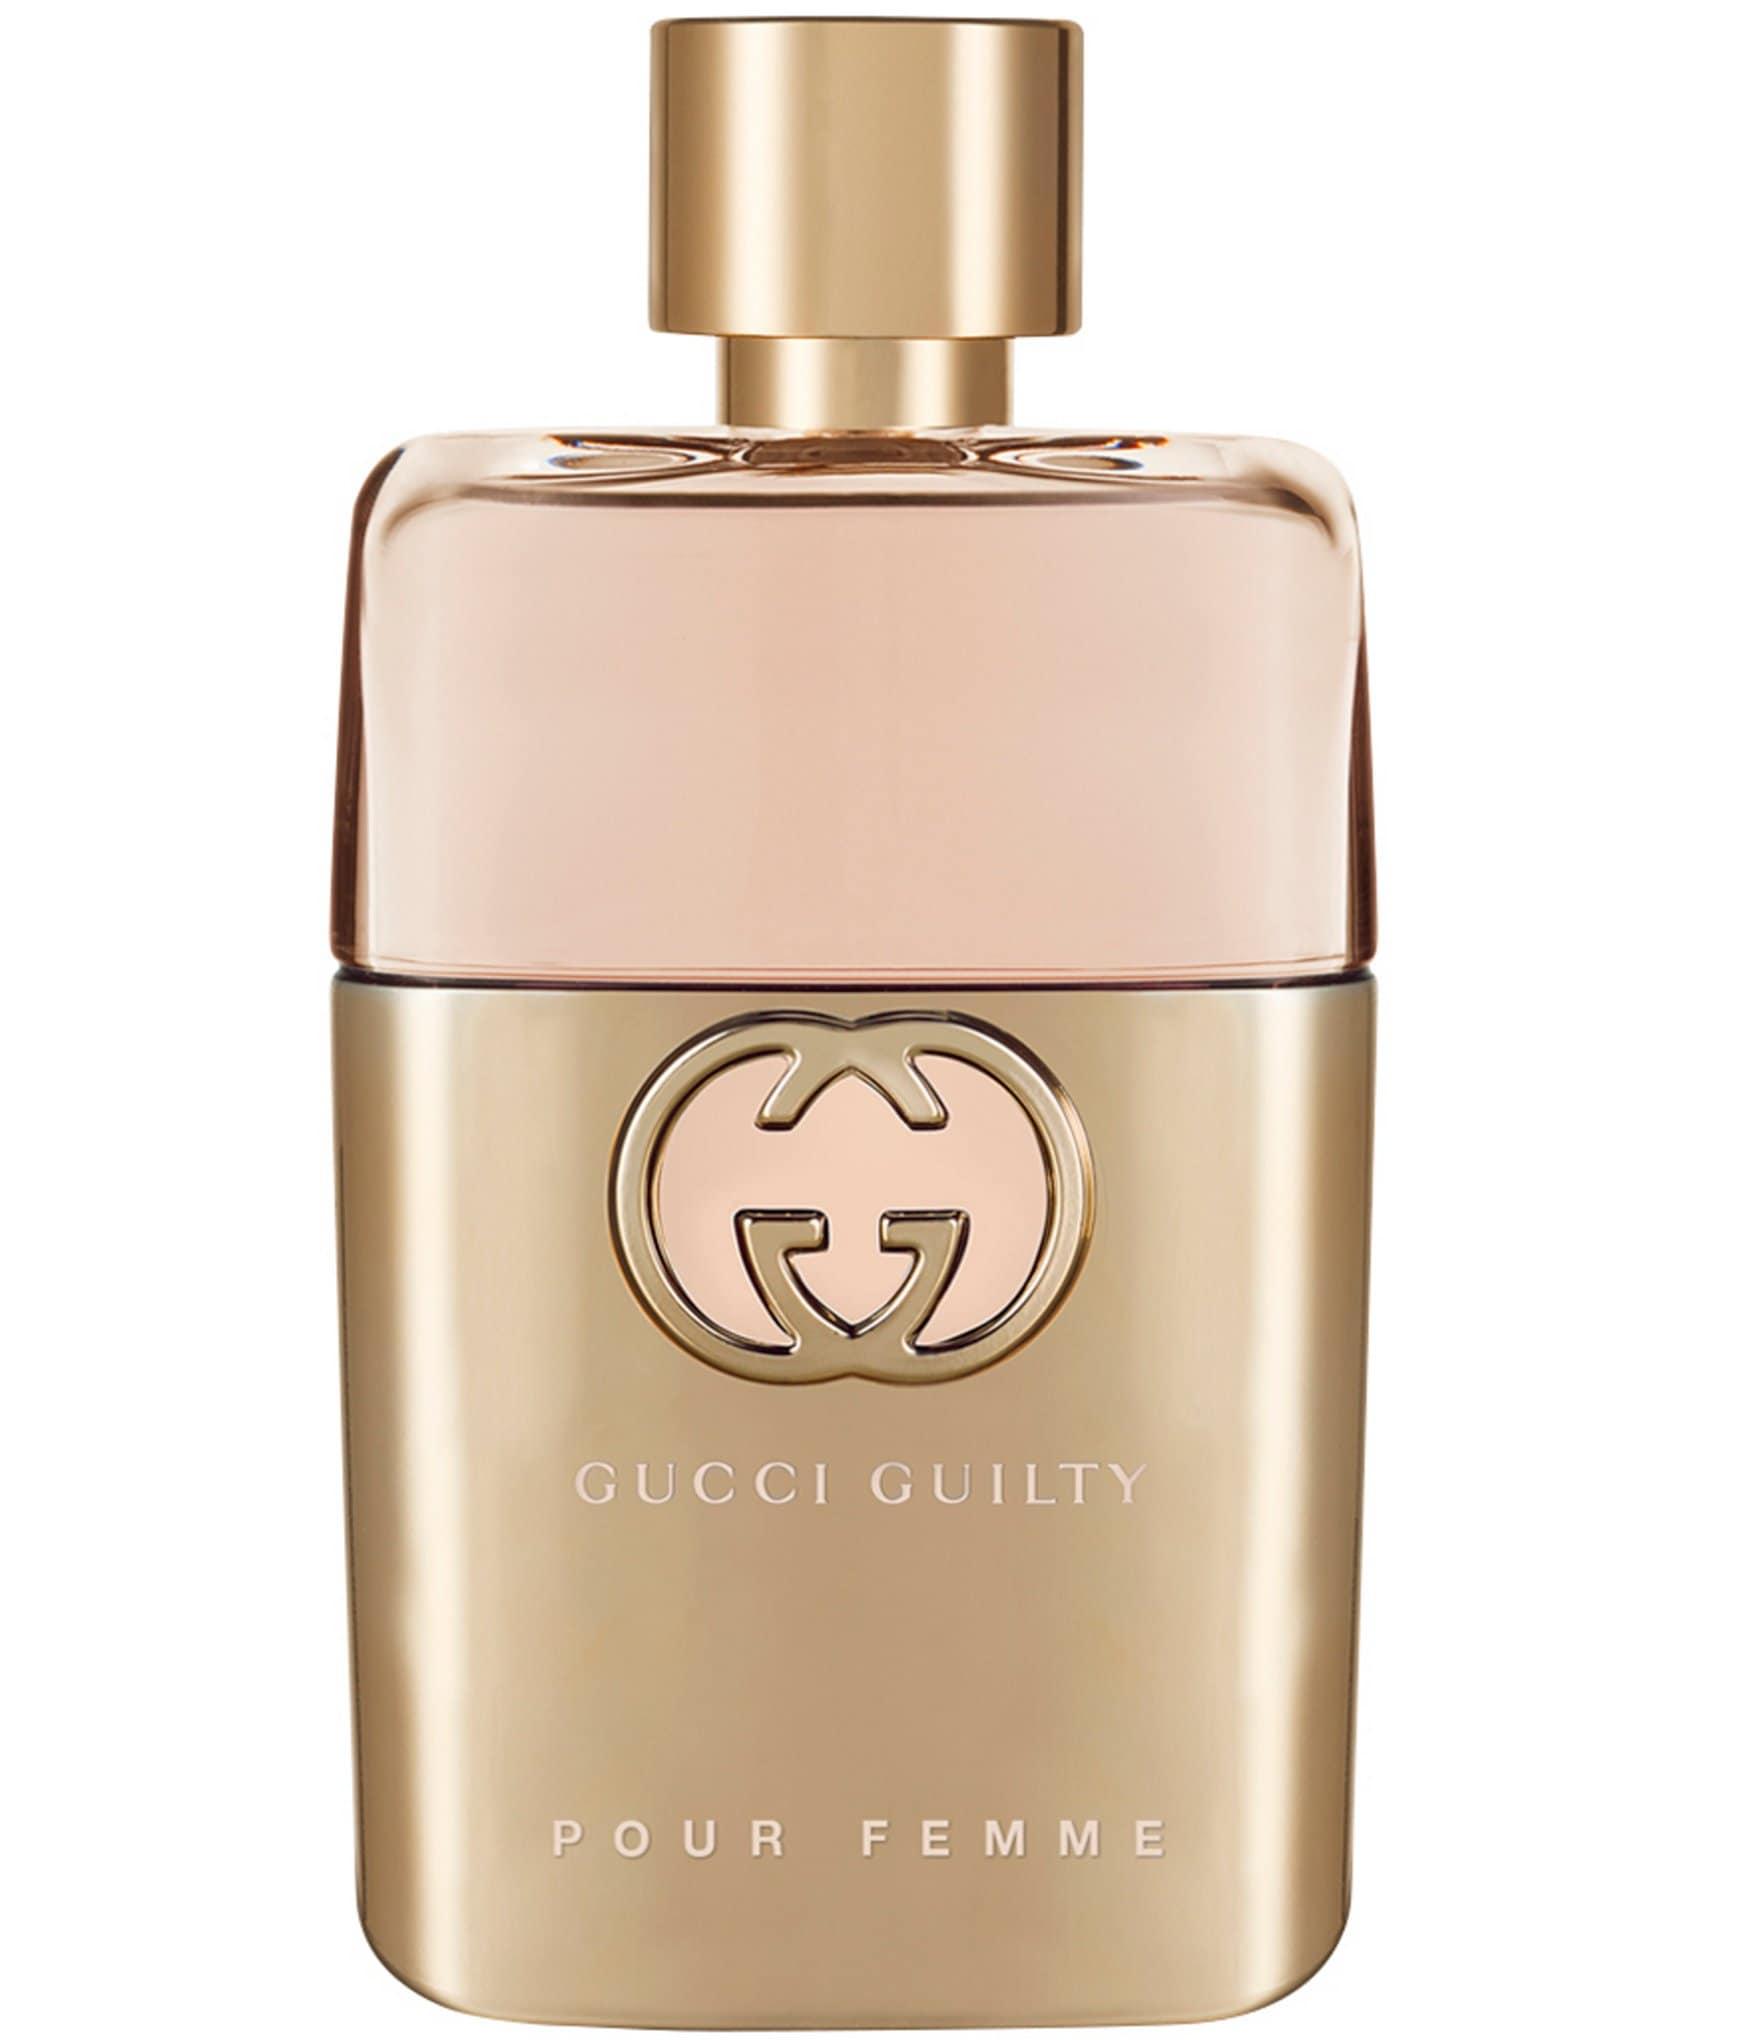 4639434c4 Gucci Guilty Pour Femme Eau De Parfum Dillards